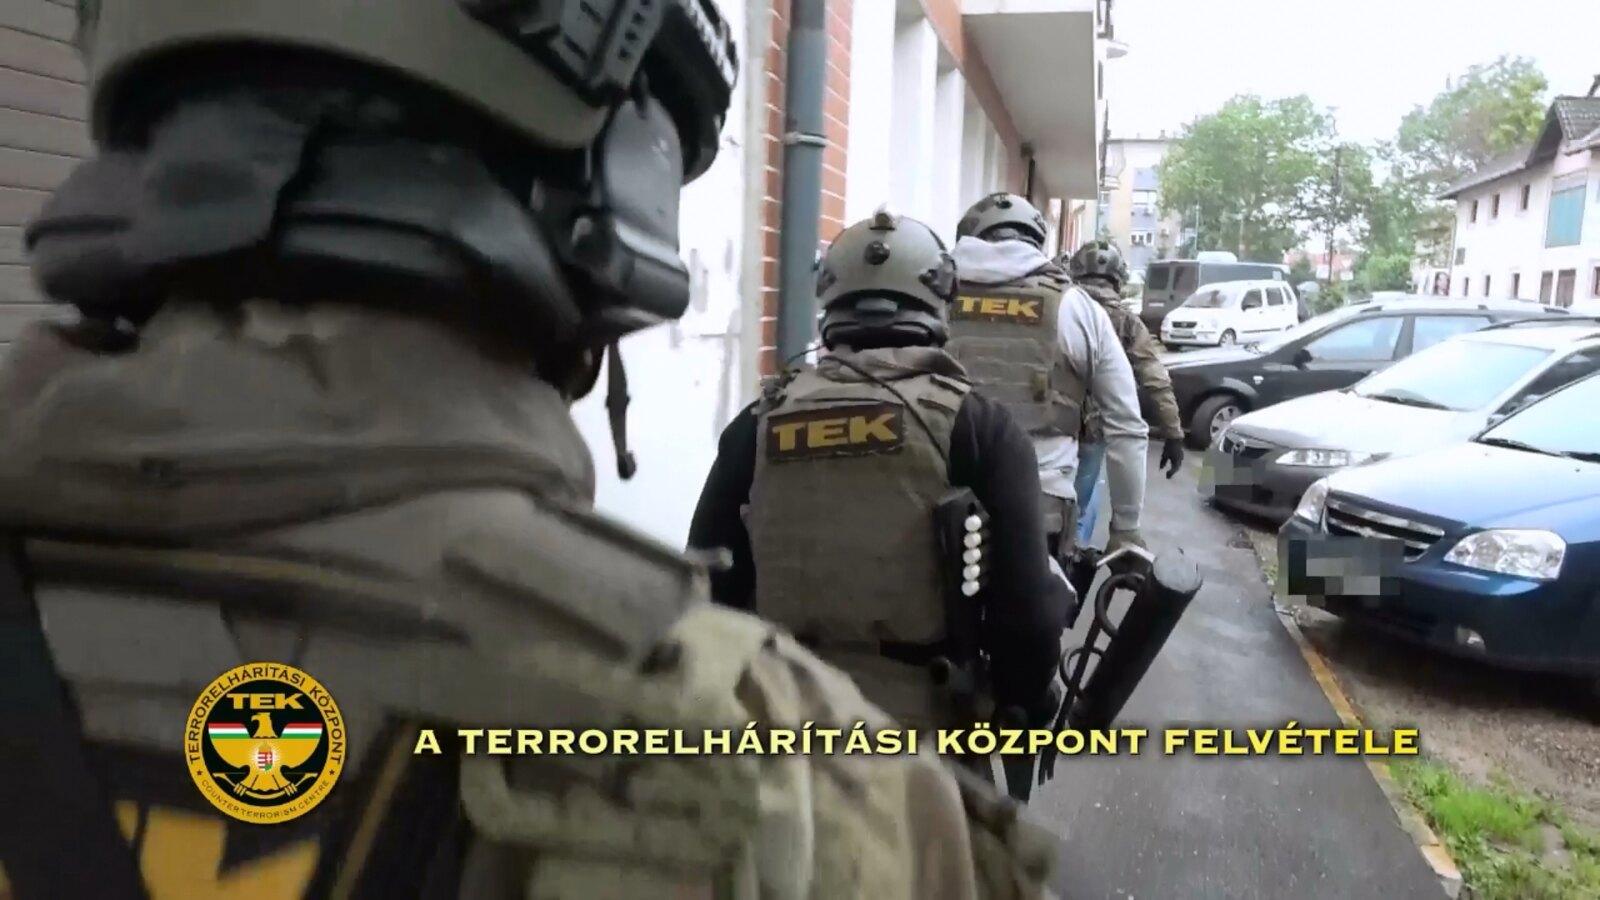 Óriásit akciózott az TEK pénteken: tizenöt helyszínen ütöttek rajta egyszerre, ötfős drogbandát fogtak